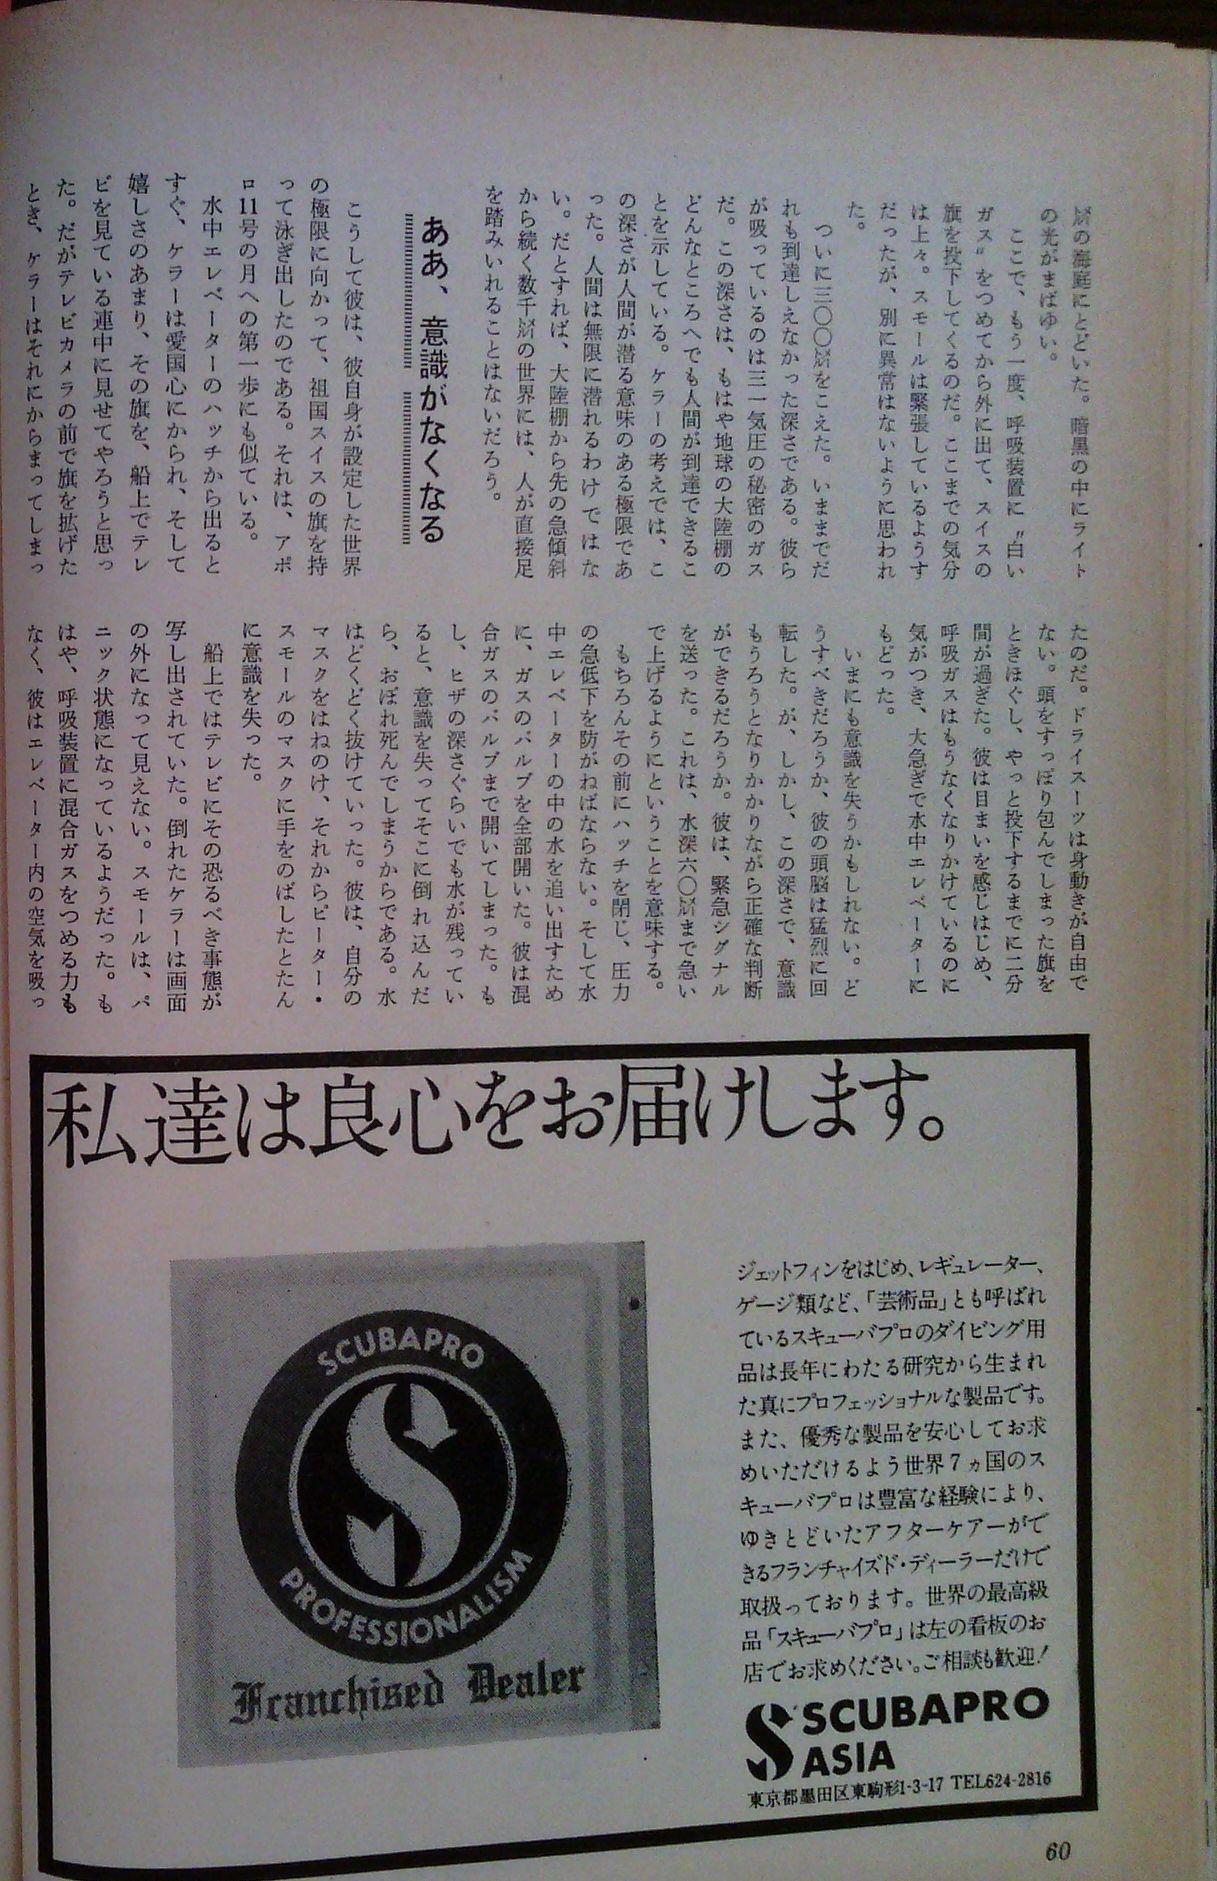 0329  ダイビングの歴史61 海の世界1973-1_b0075059_15082172.jpg